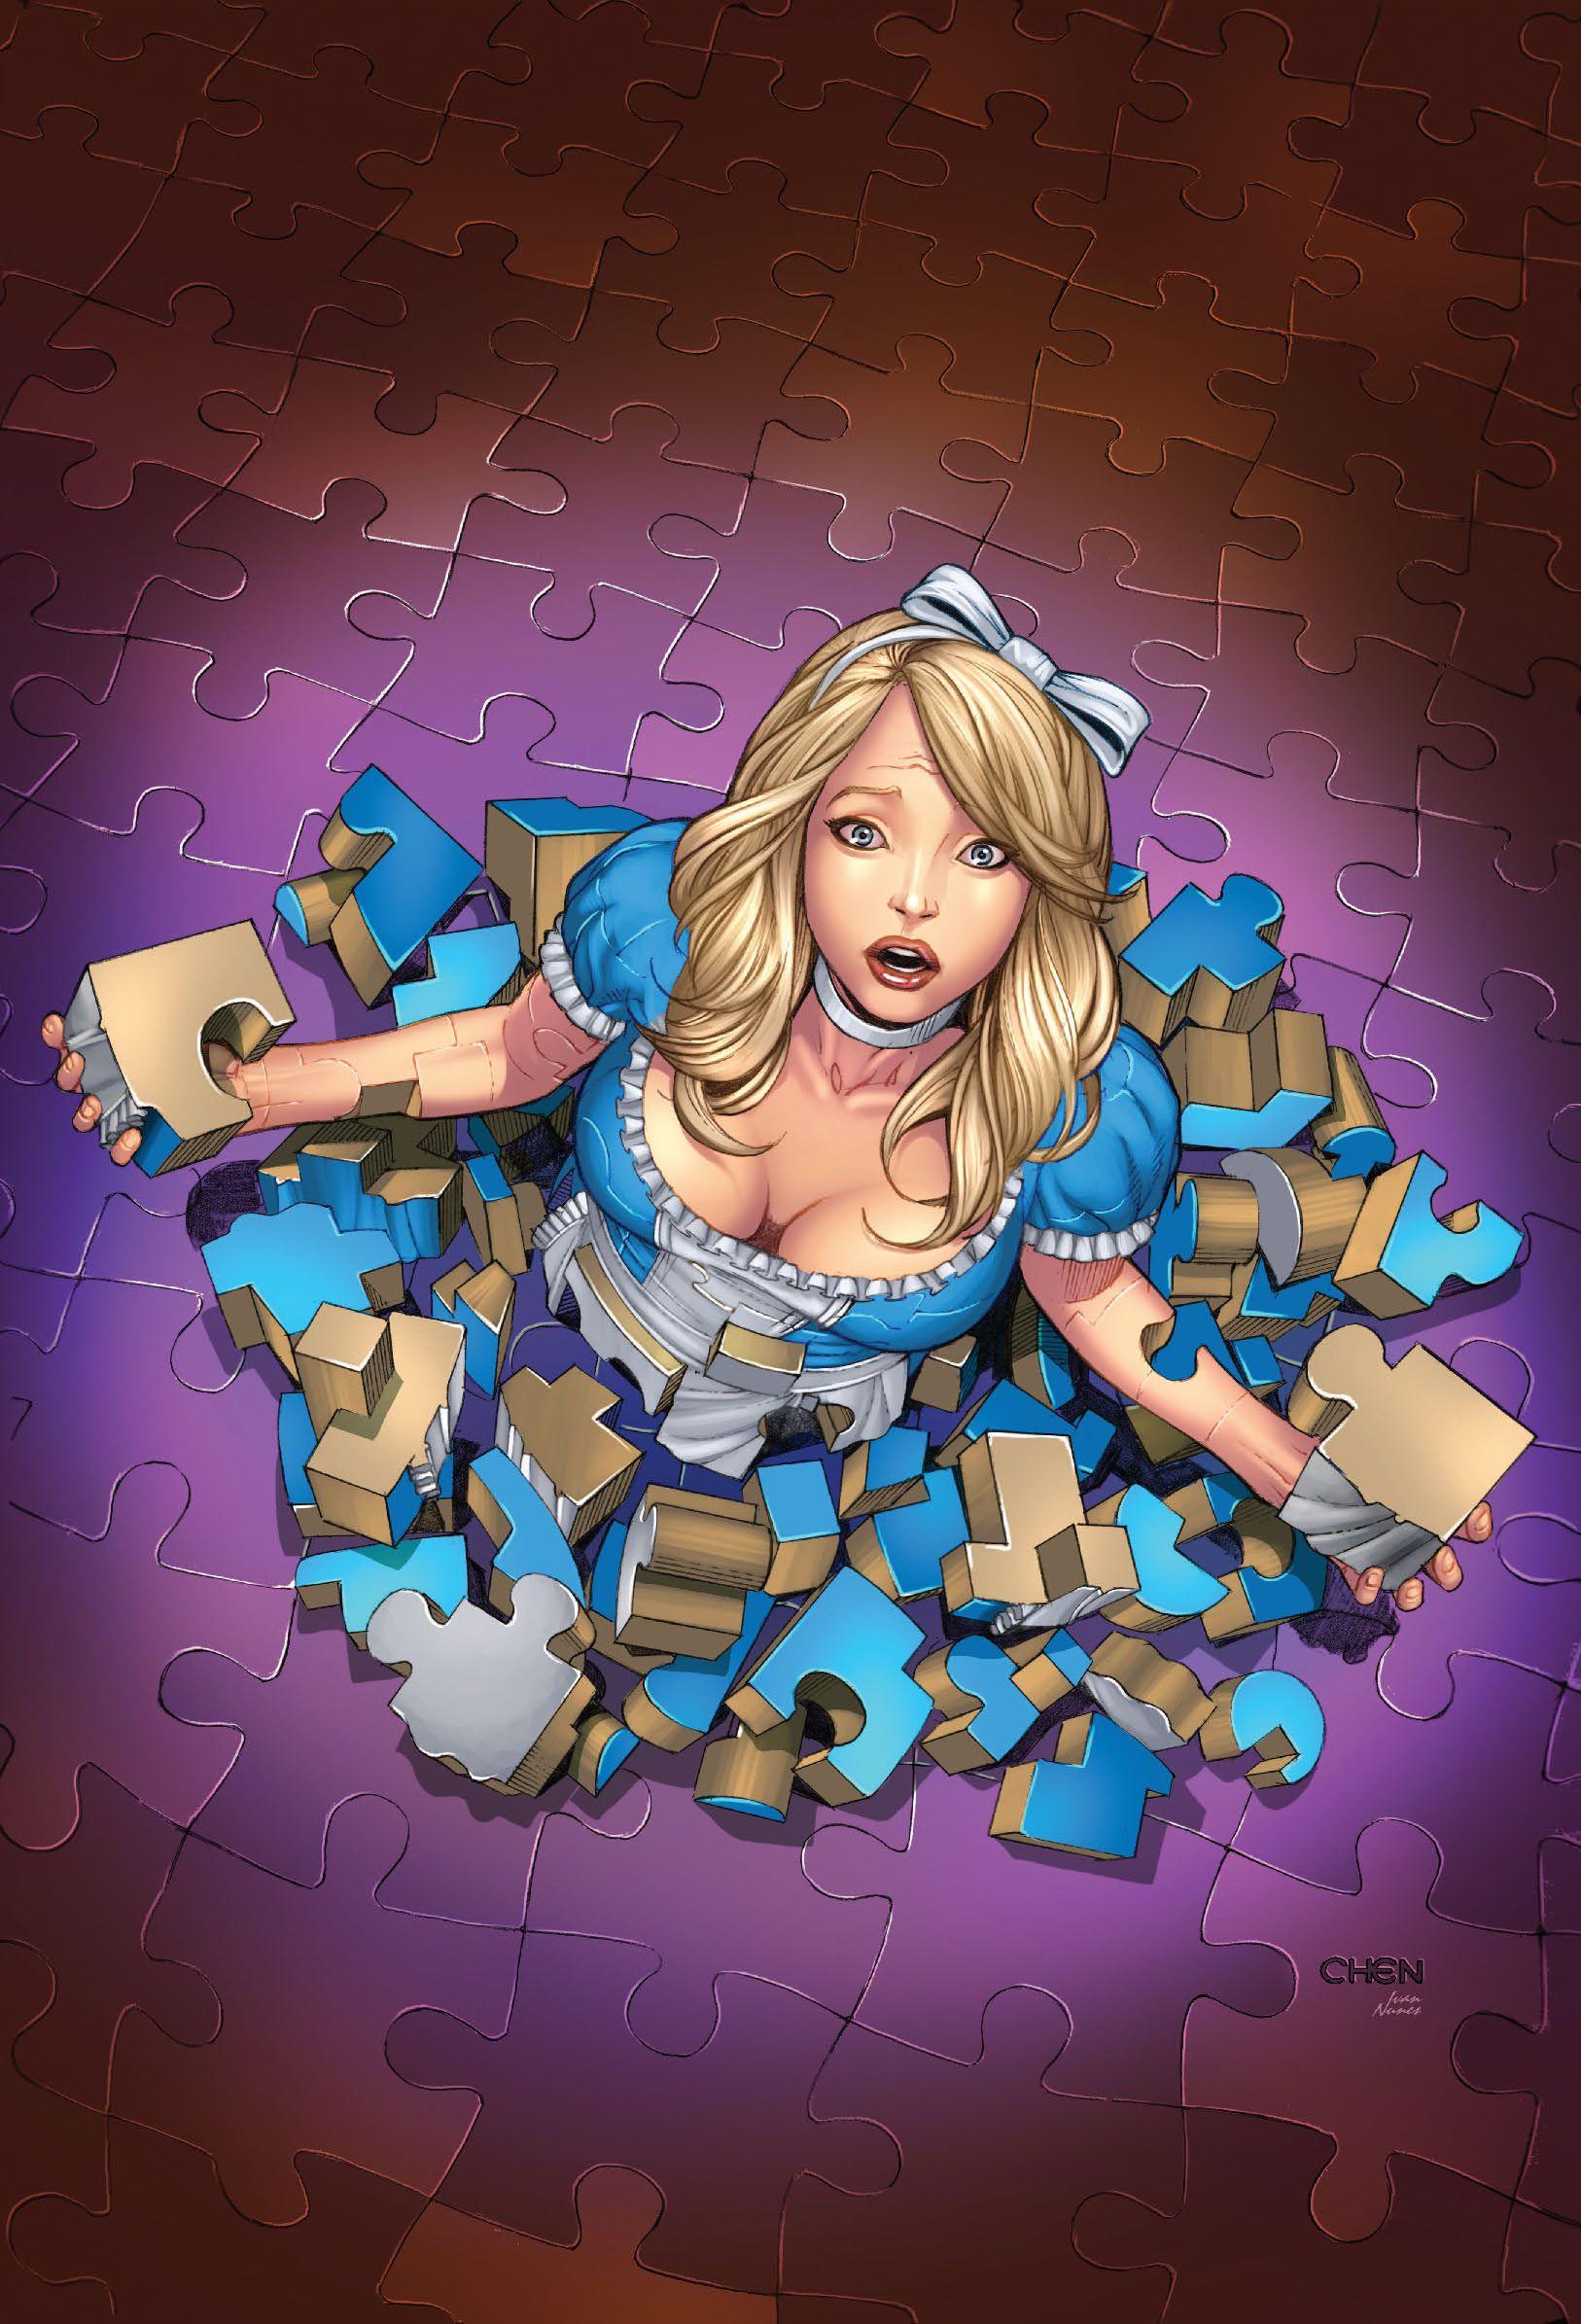 Chen Zenescope Grimm Fairy Tales Alice in Wonderland #4